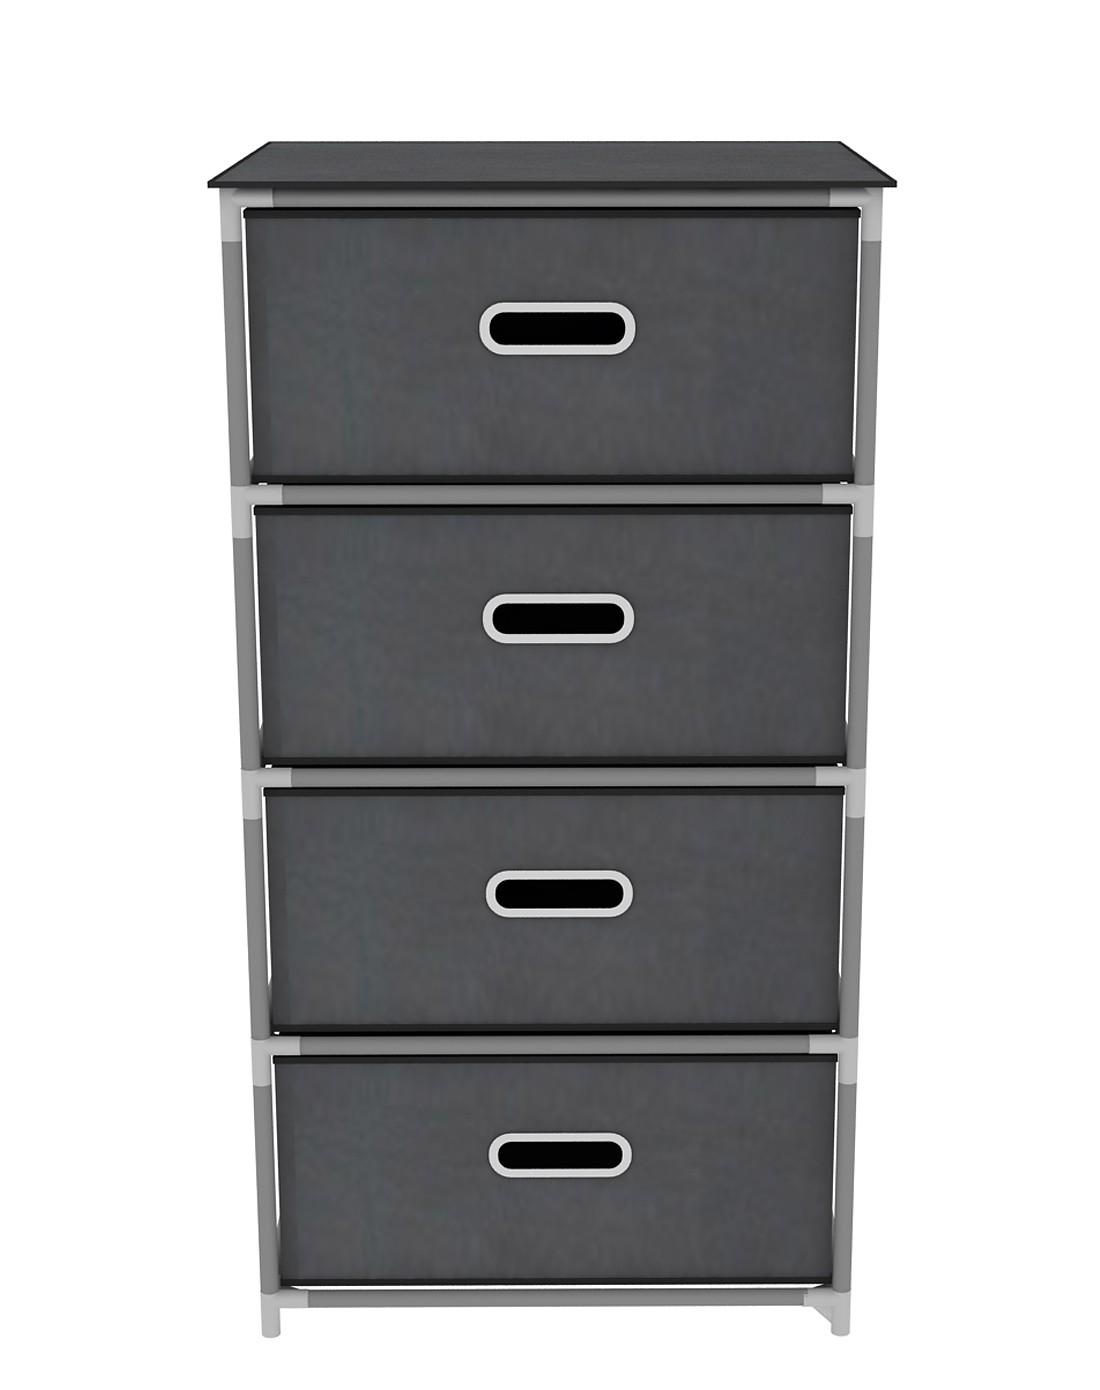 家世比homebi家具专场四层组装式床头柜银灰色hby104